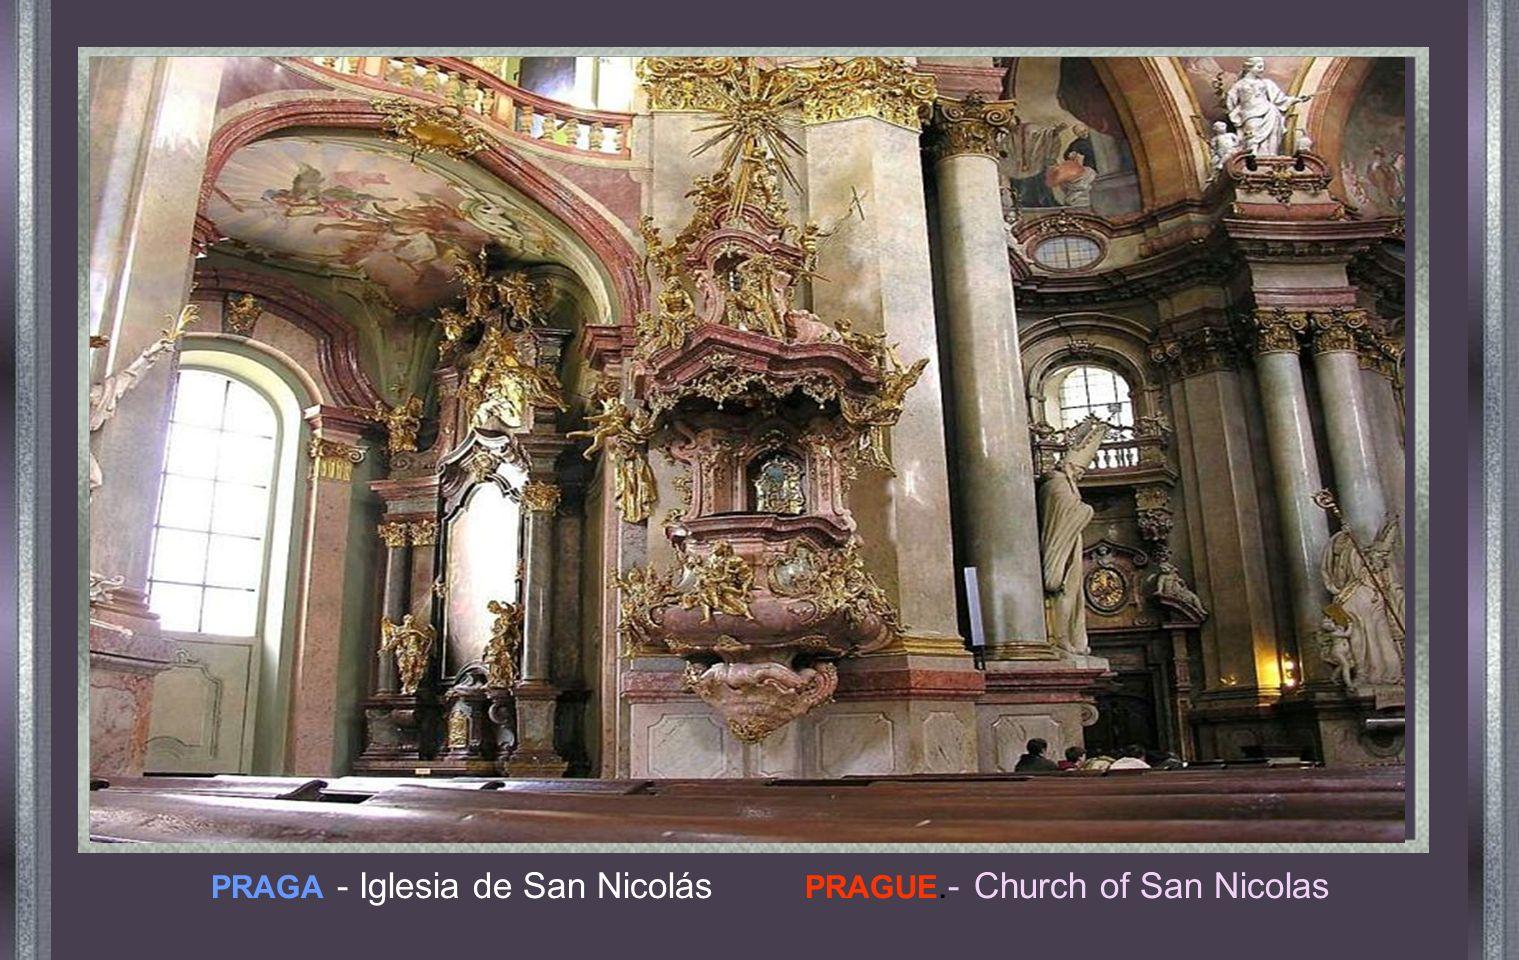 Cuando Napoleón invadió Rusia, frente a este altar proclamó que si alguno de sus soldados se atreviera a robar algo, él lo mataría personalmente.